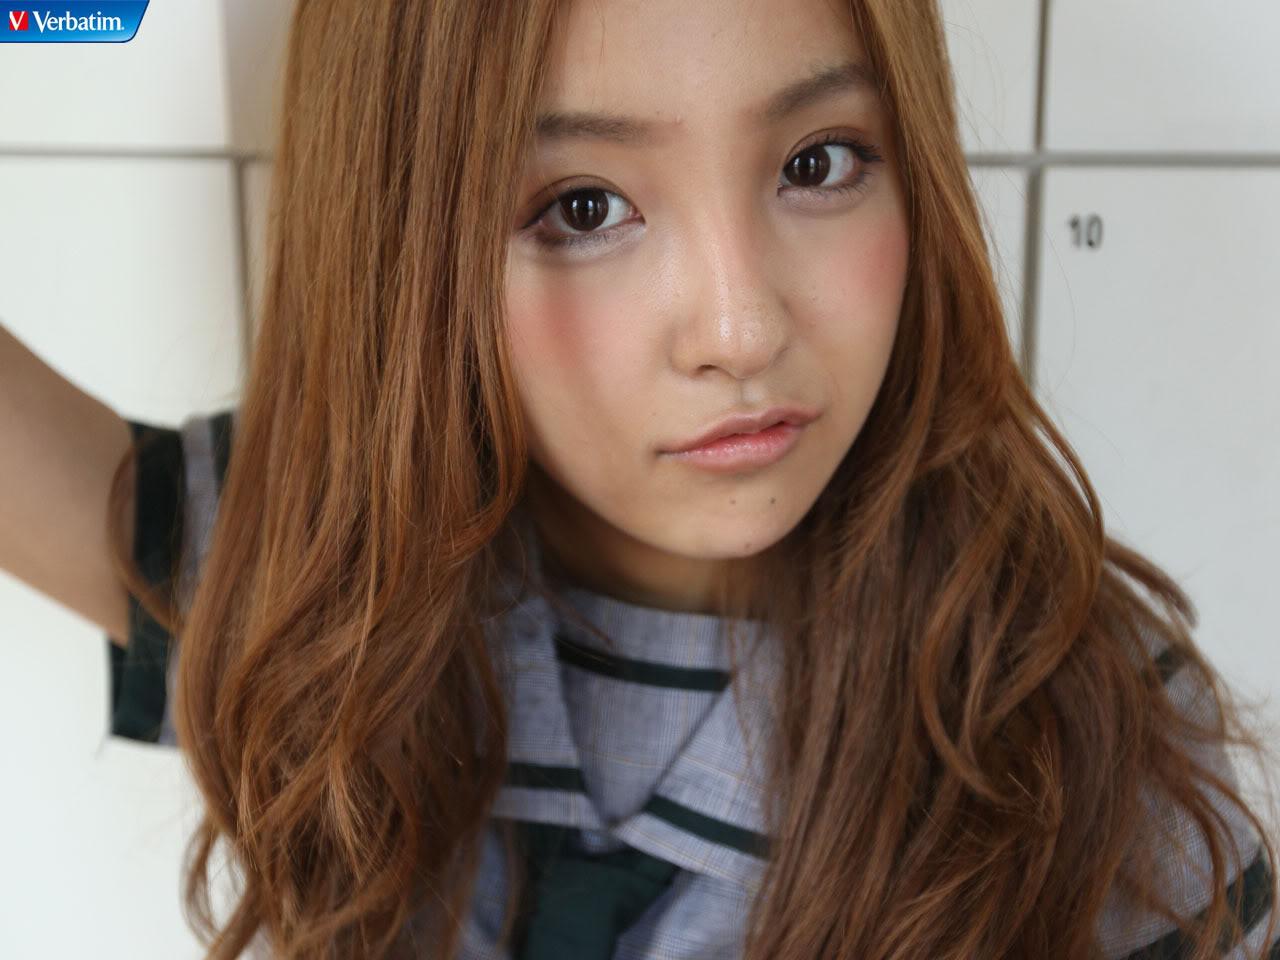 板野友美の画像 p1_26